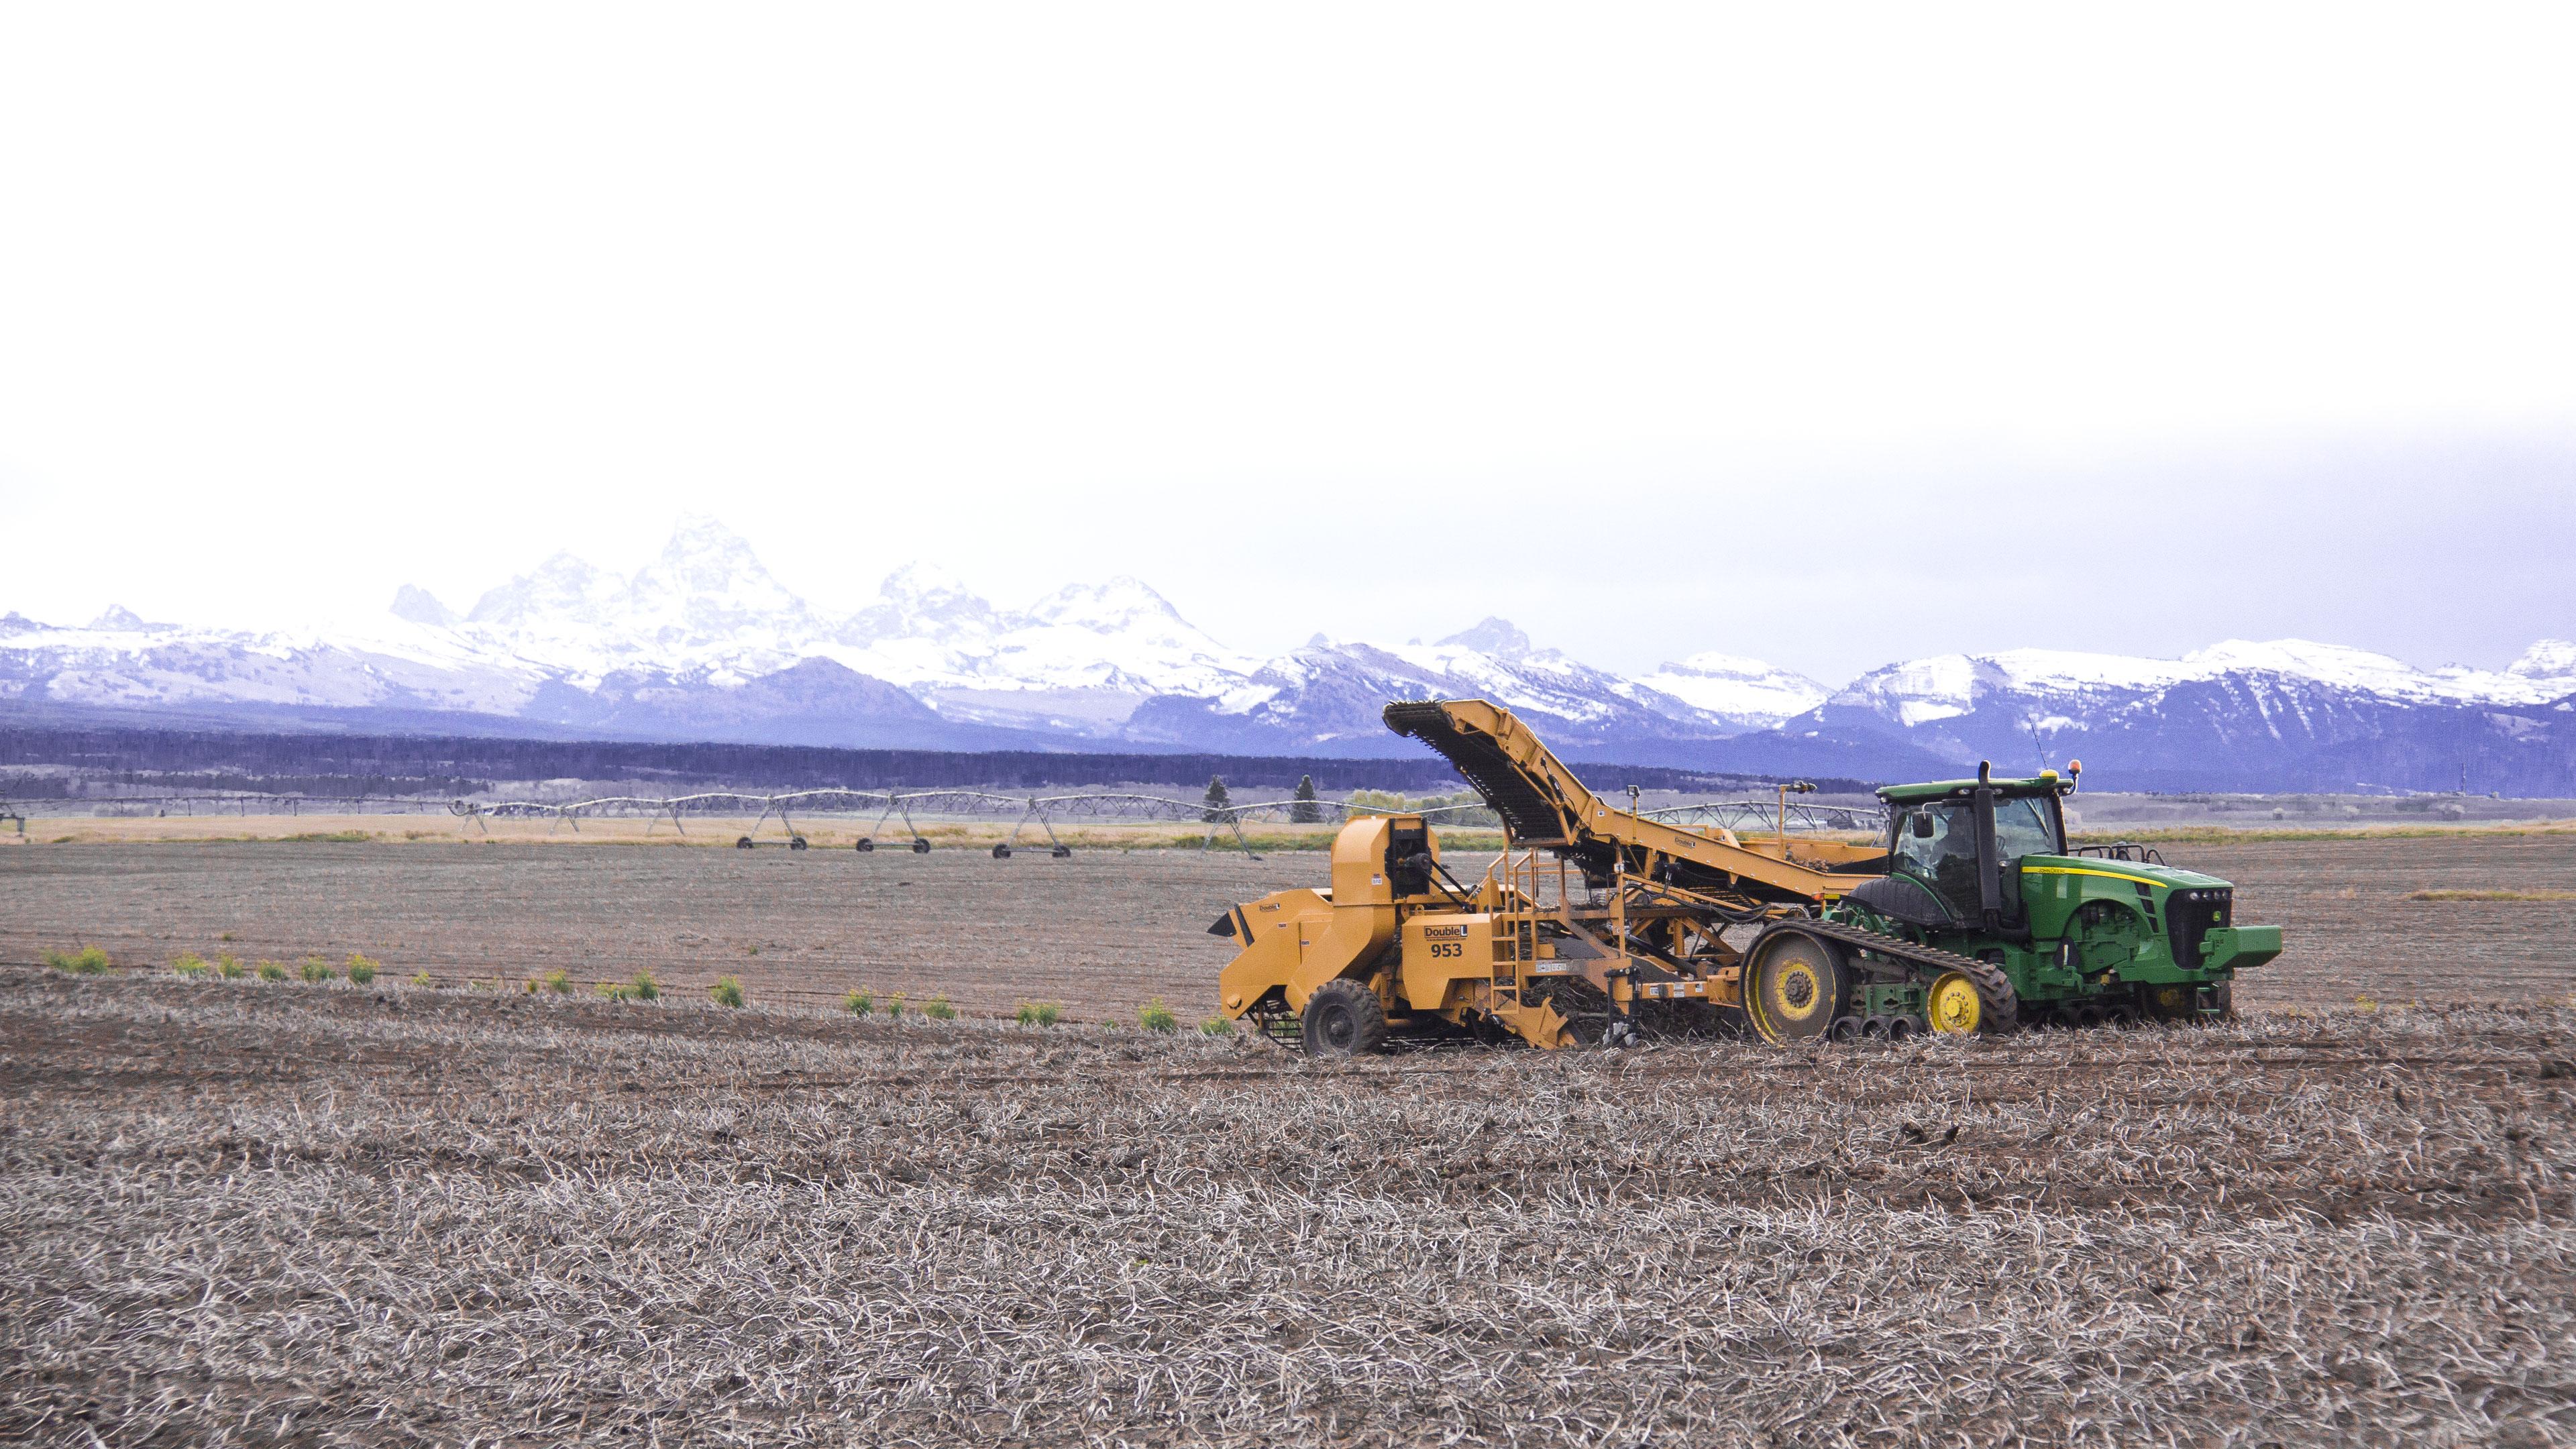 potatoes harvesting machine